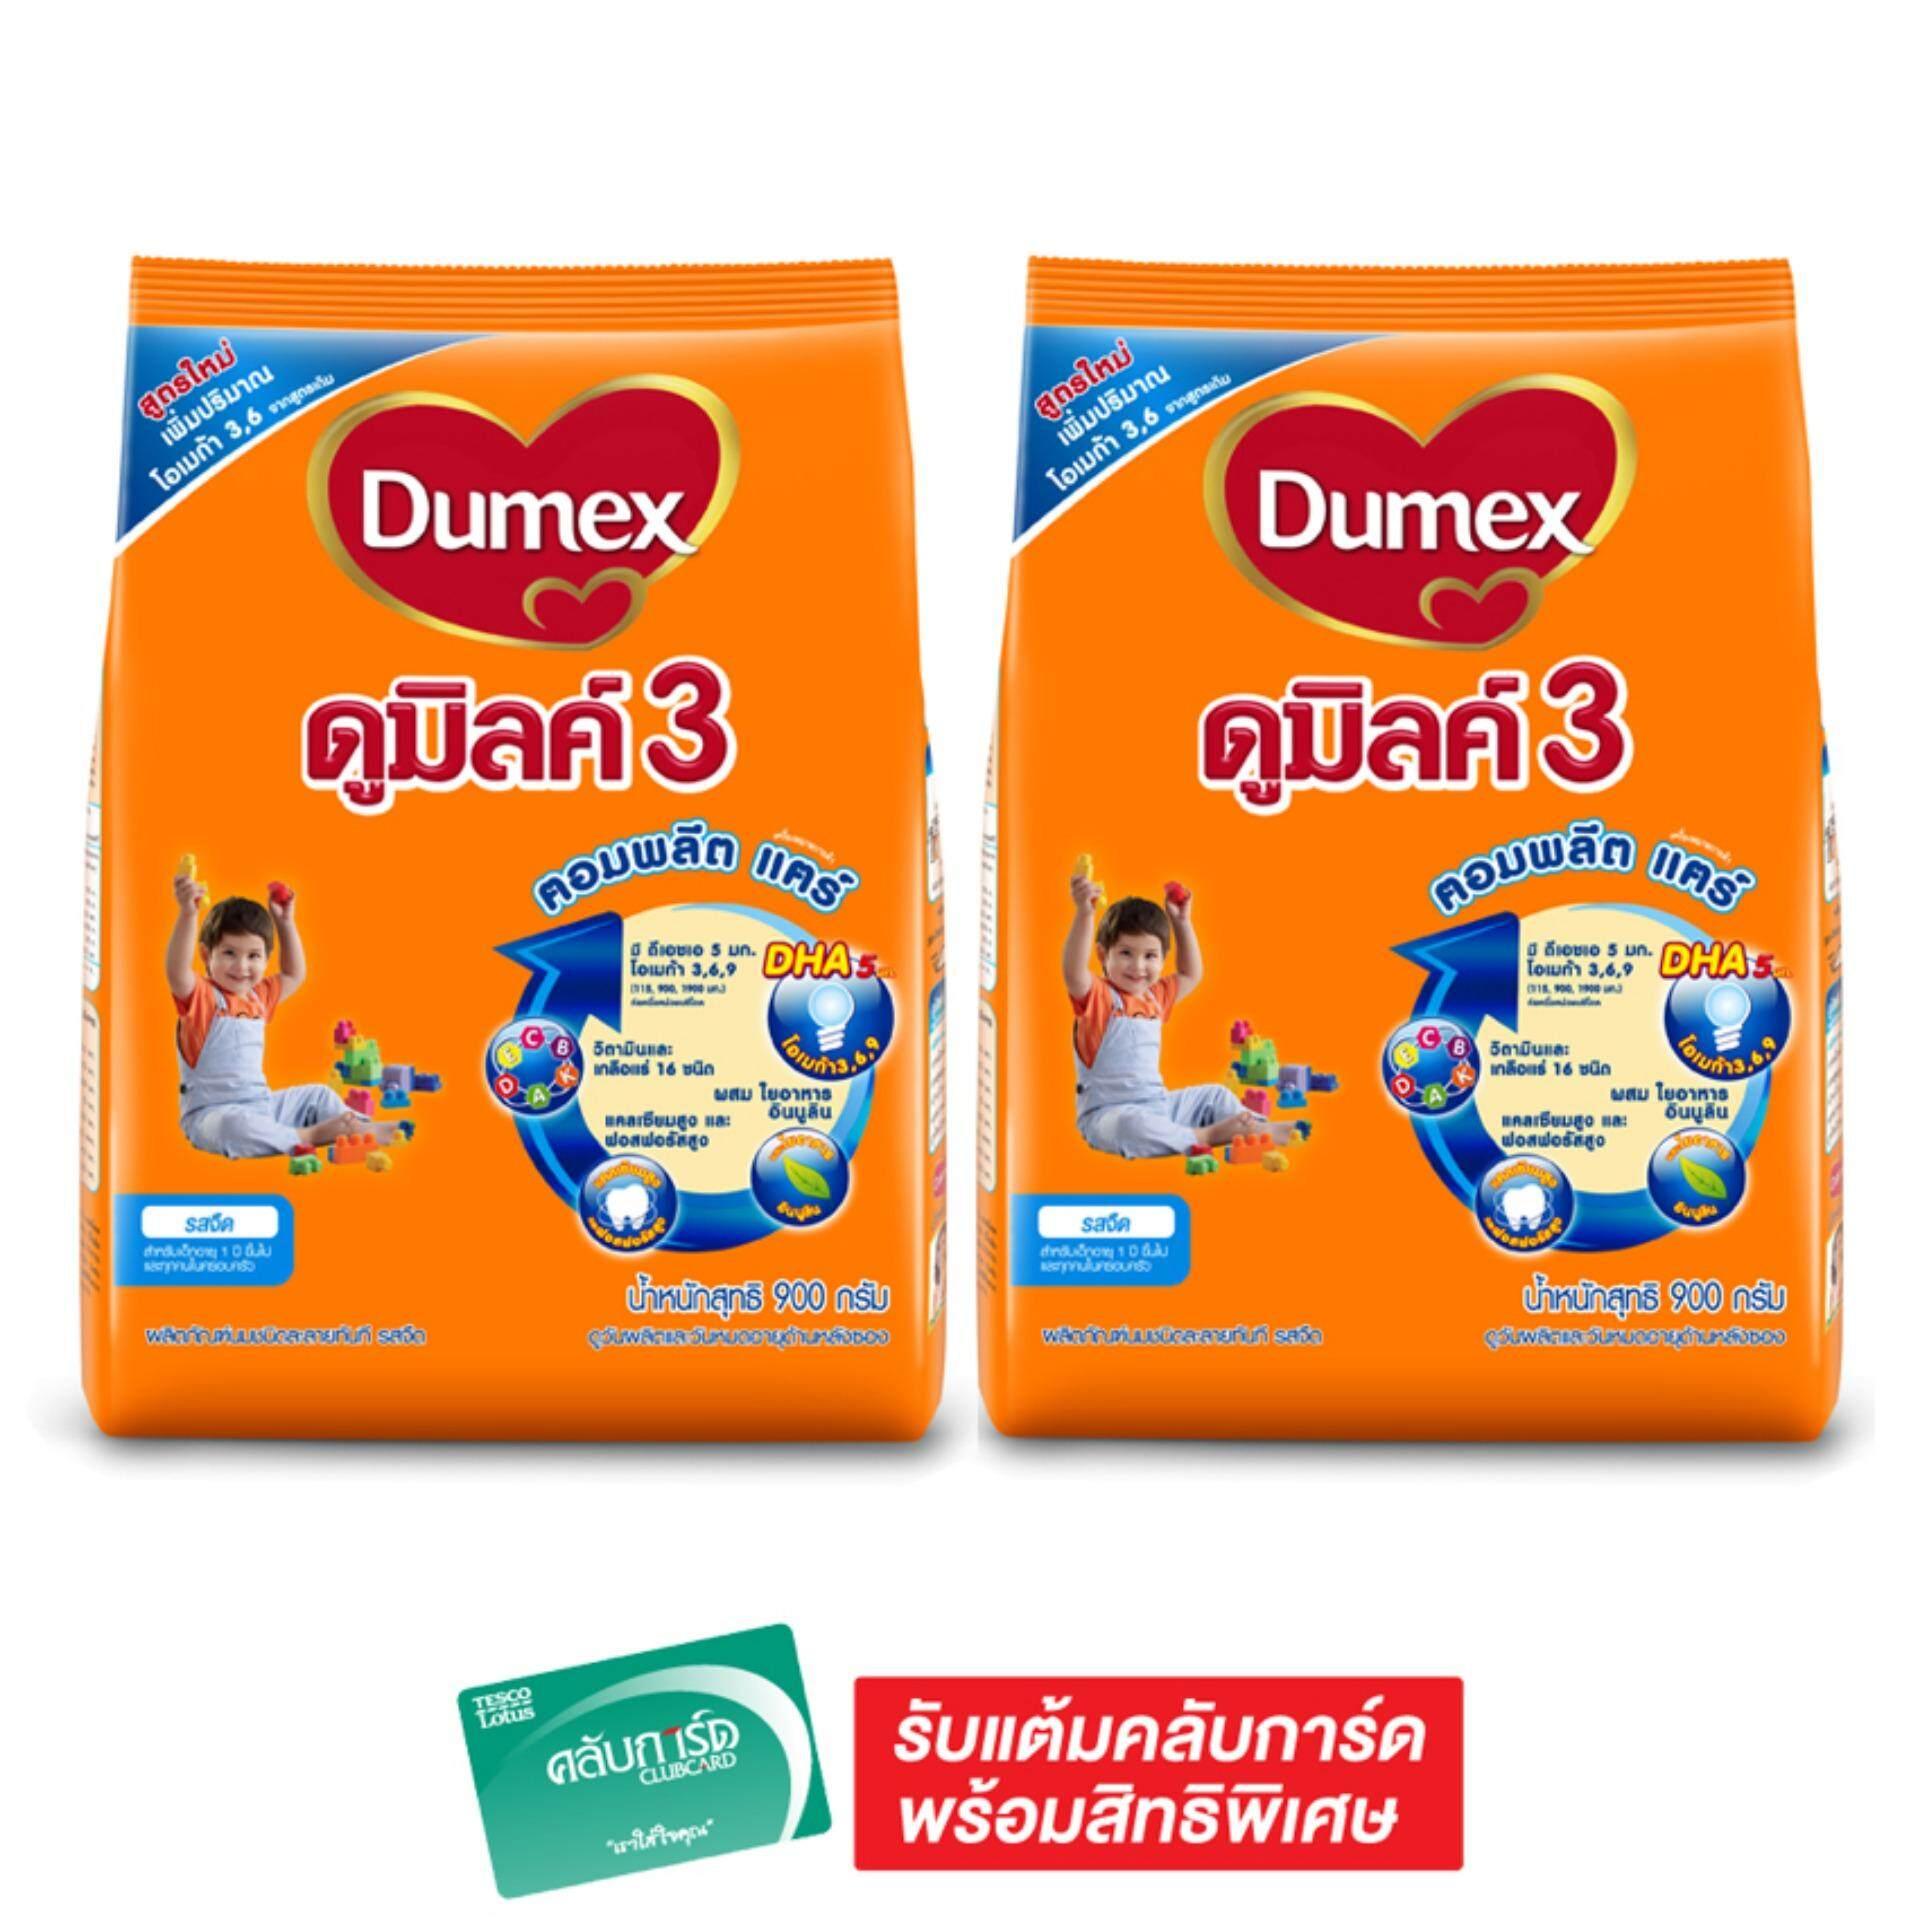 ซื้อ แพ็ค 2 ถุง Dumex ดูเม็กซ์ ดูมิลค์ 3 รสจืด 900 กรัม ถูก กรุงเทพมหานคร